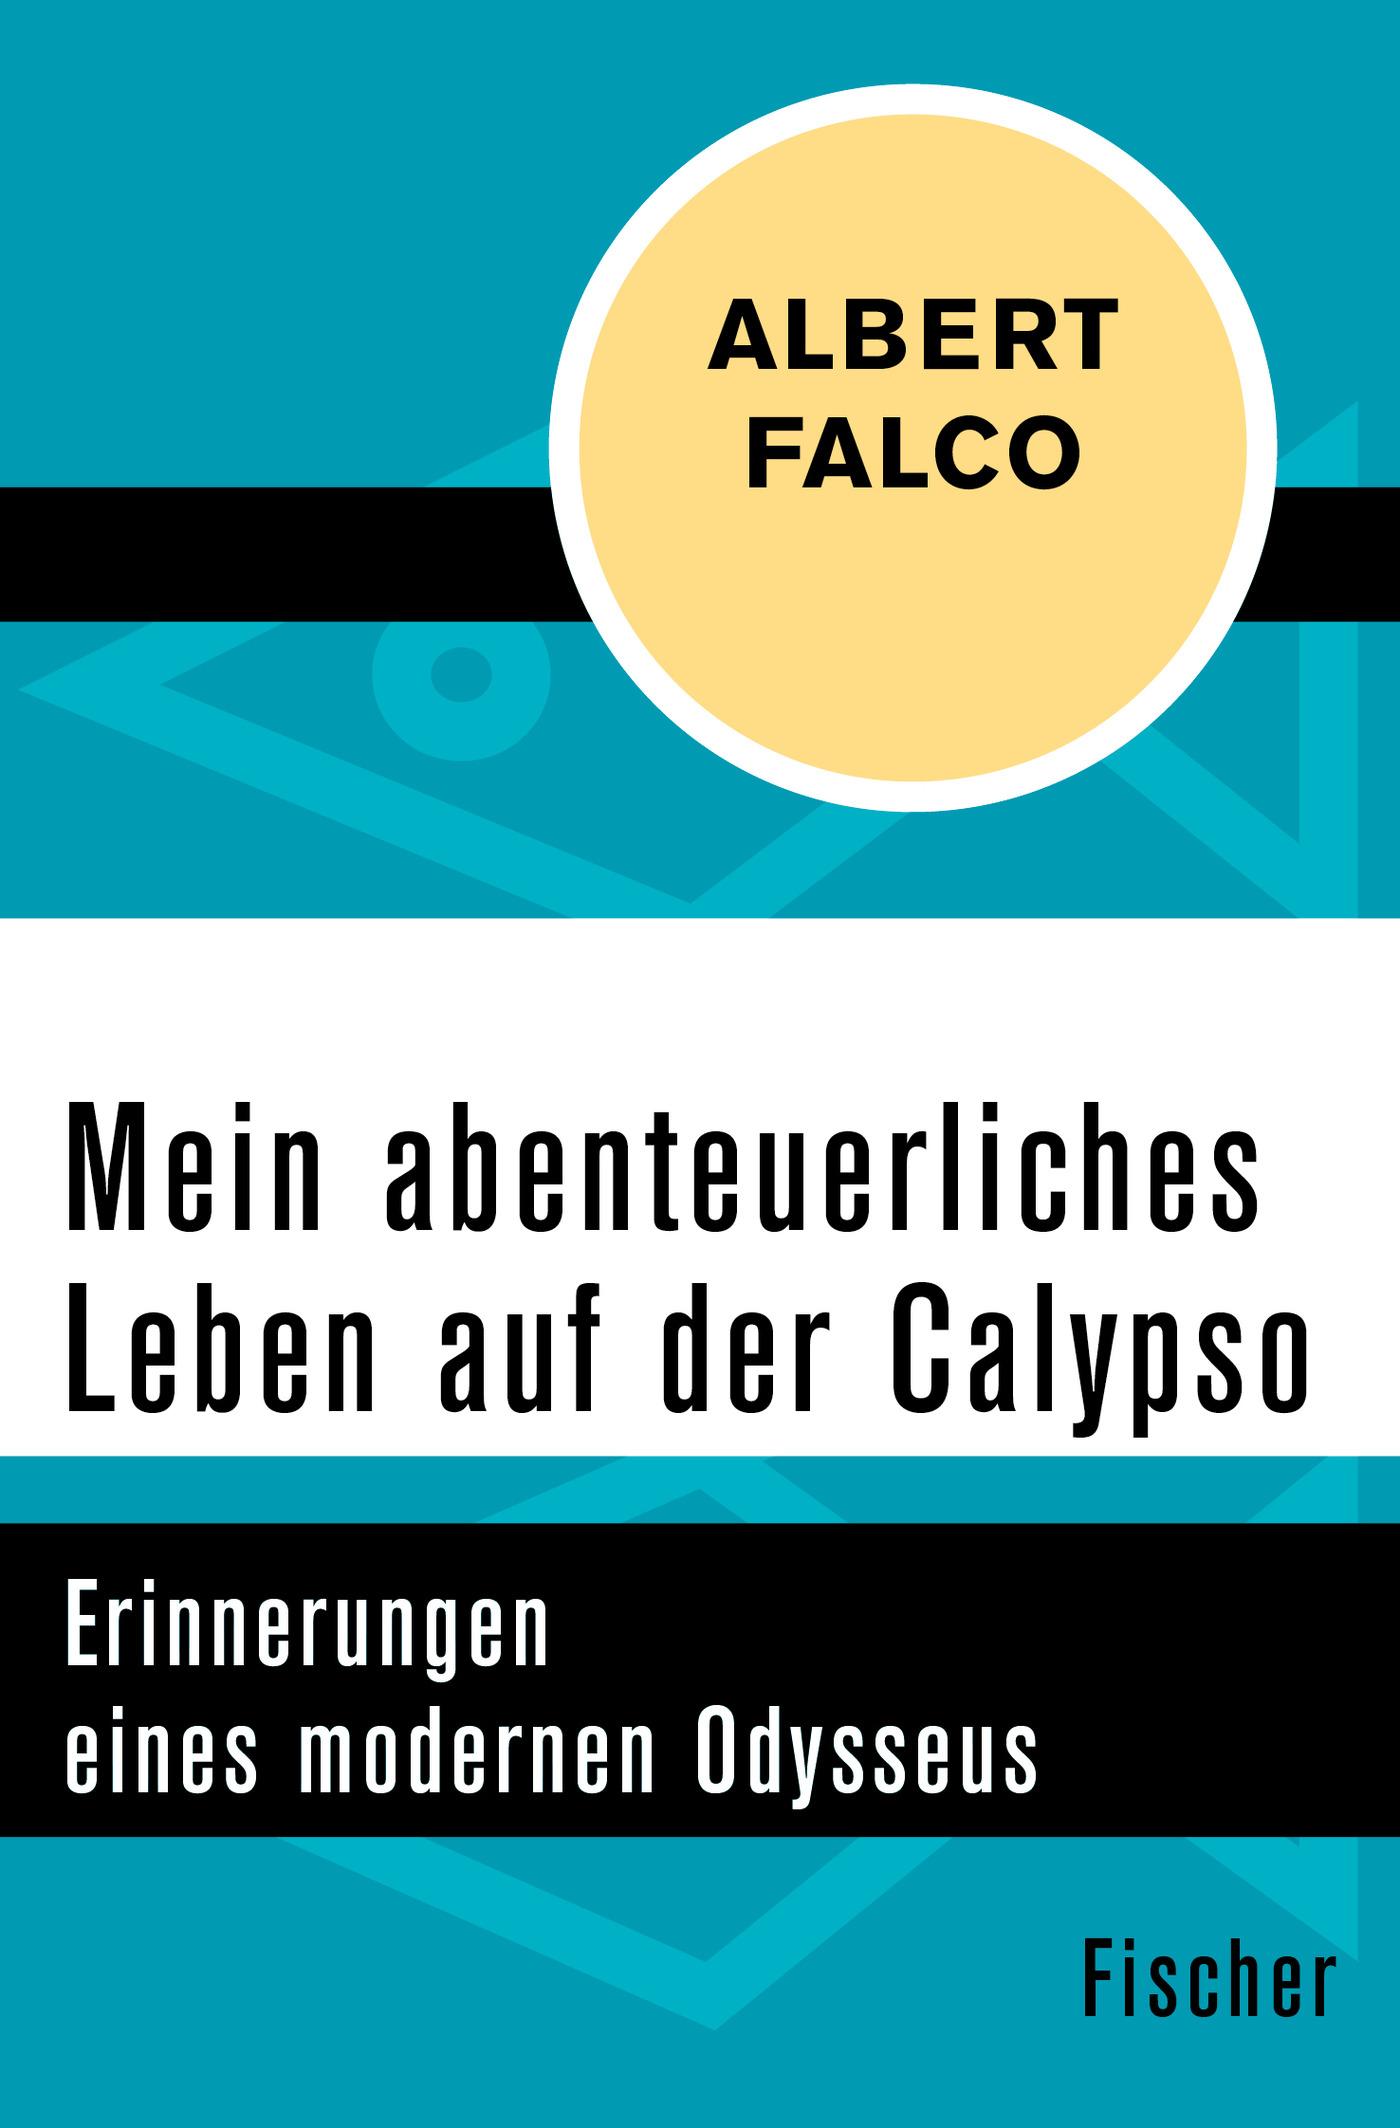 Mein abenteuerliches Leben auf der Calypso Albert Falco